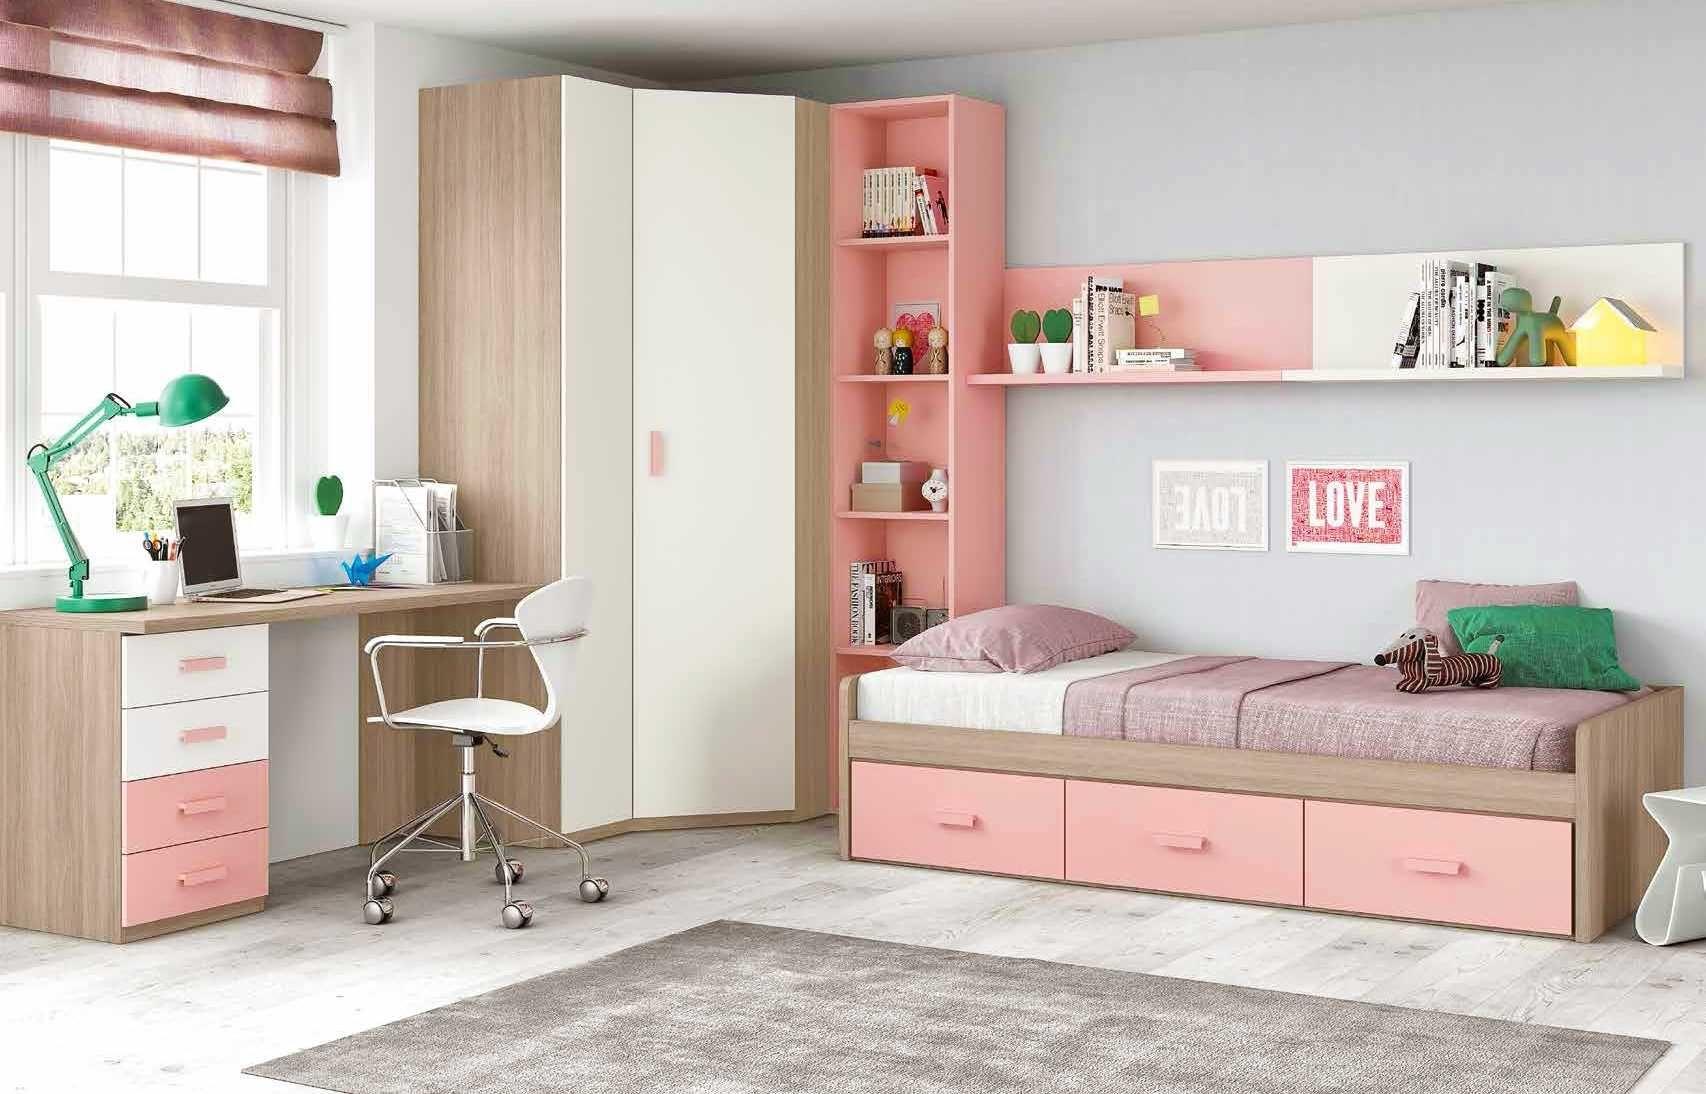 Couleur Pour Chambre D Ado Fille  Bedroom colors, Decor, Home